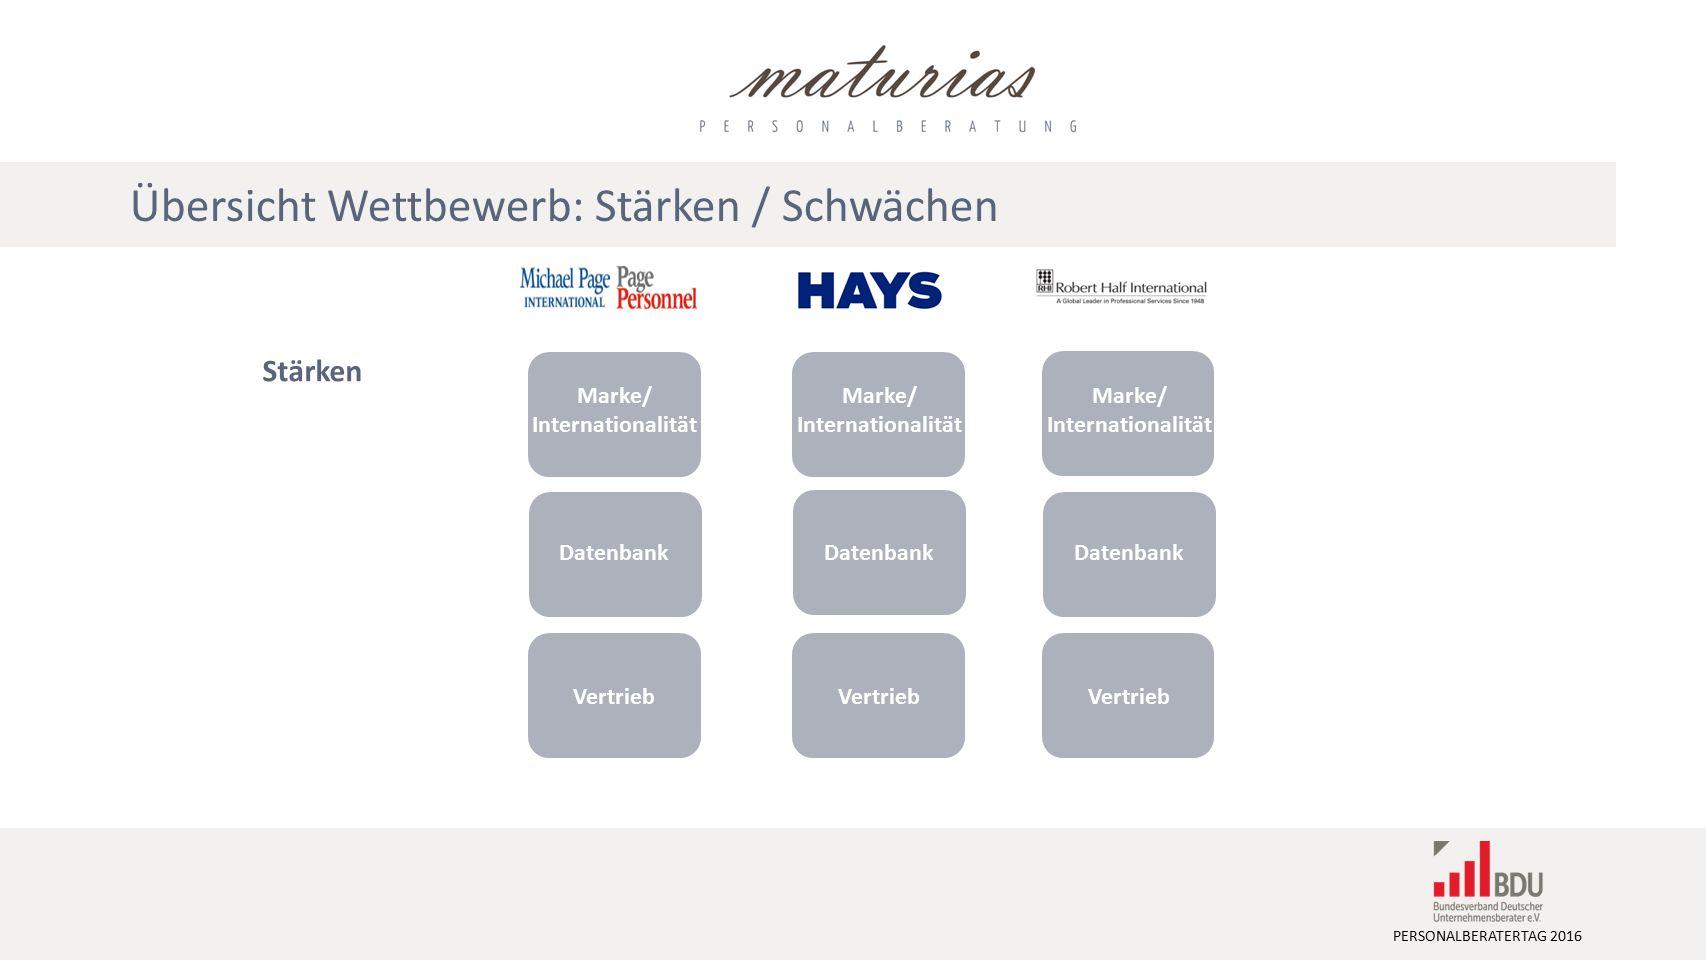 PERSONALBERATERTAG 2016 Stärken Marke/ Internationalität Datenbank Vertrieb Übersicht Wettbewerb: Stärken / Schwächen Marke/ Internationalität Datenbank Vertrieb Marke/ Internationalität Datenbank Vertrieb